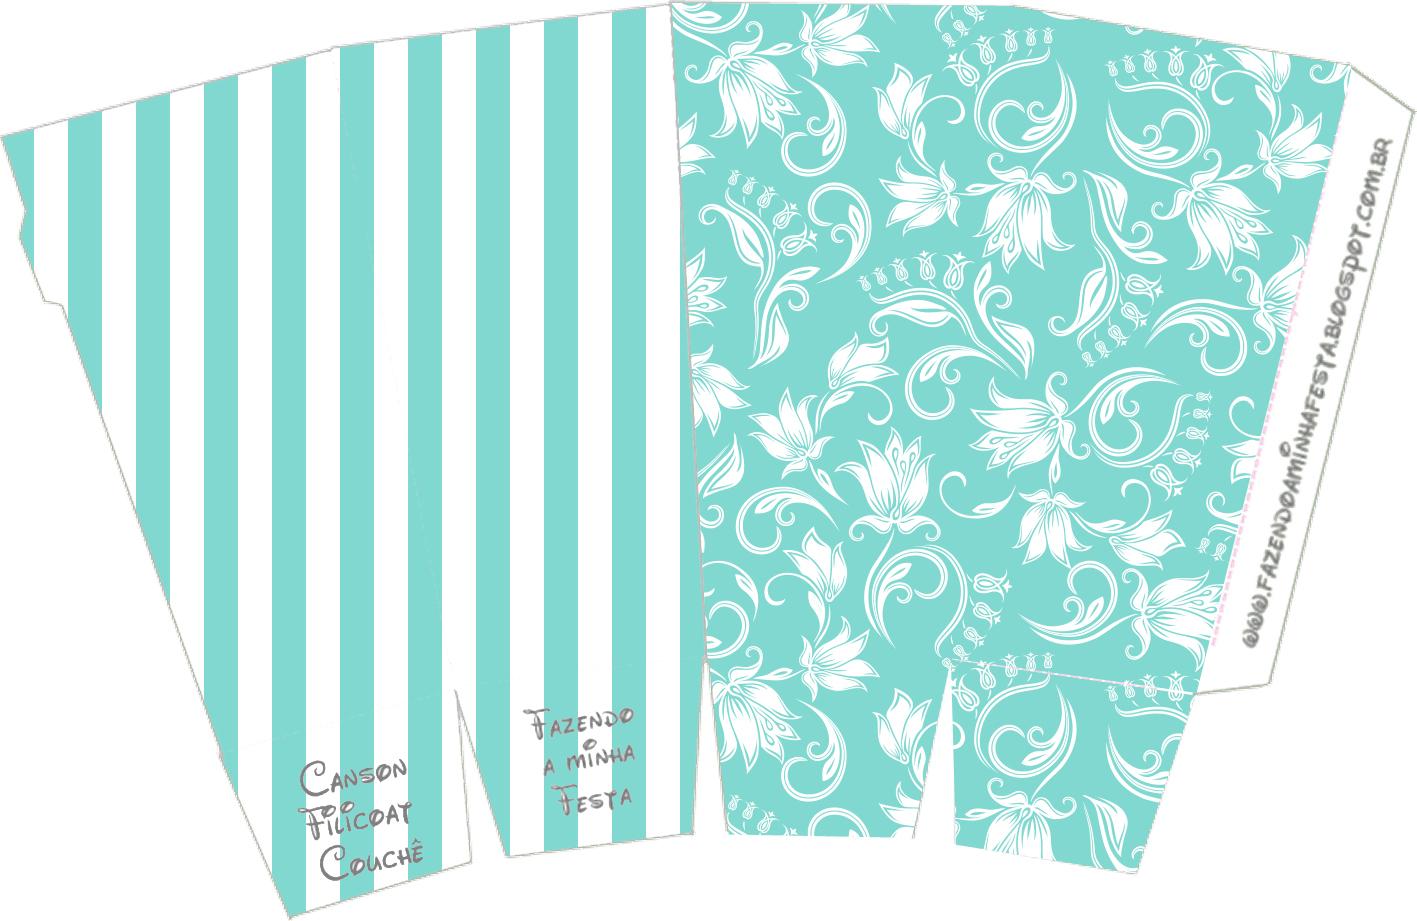 Kit Azul Tiffany Fazendo A Nossa Festa 69 Car Interior Design #309B91 1417 921